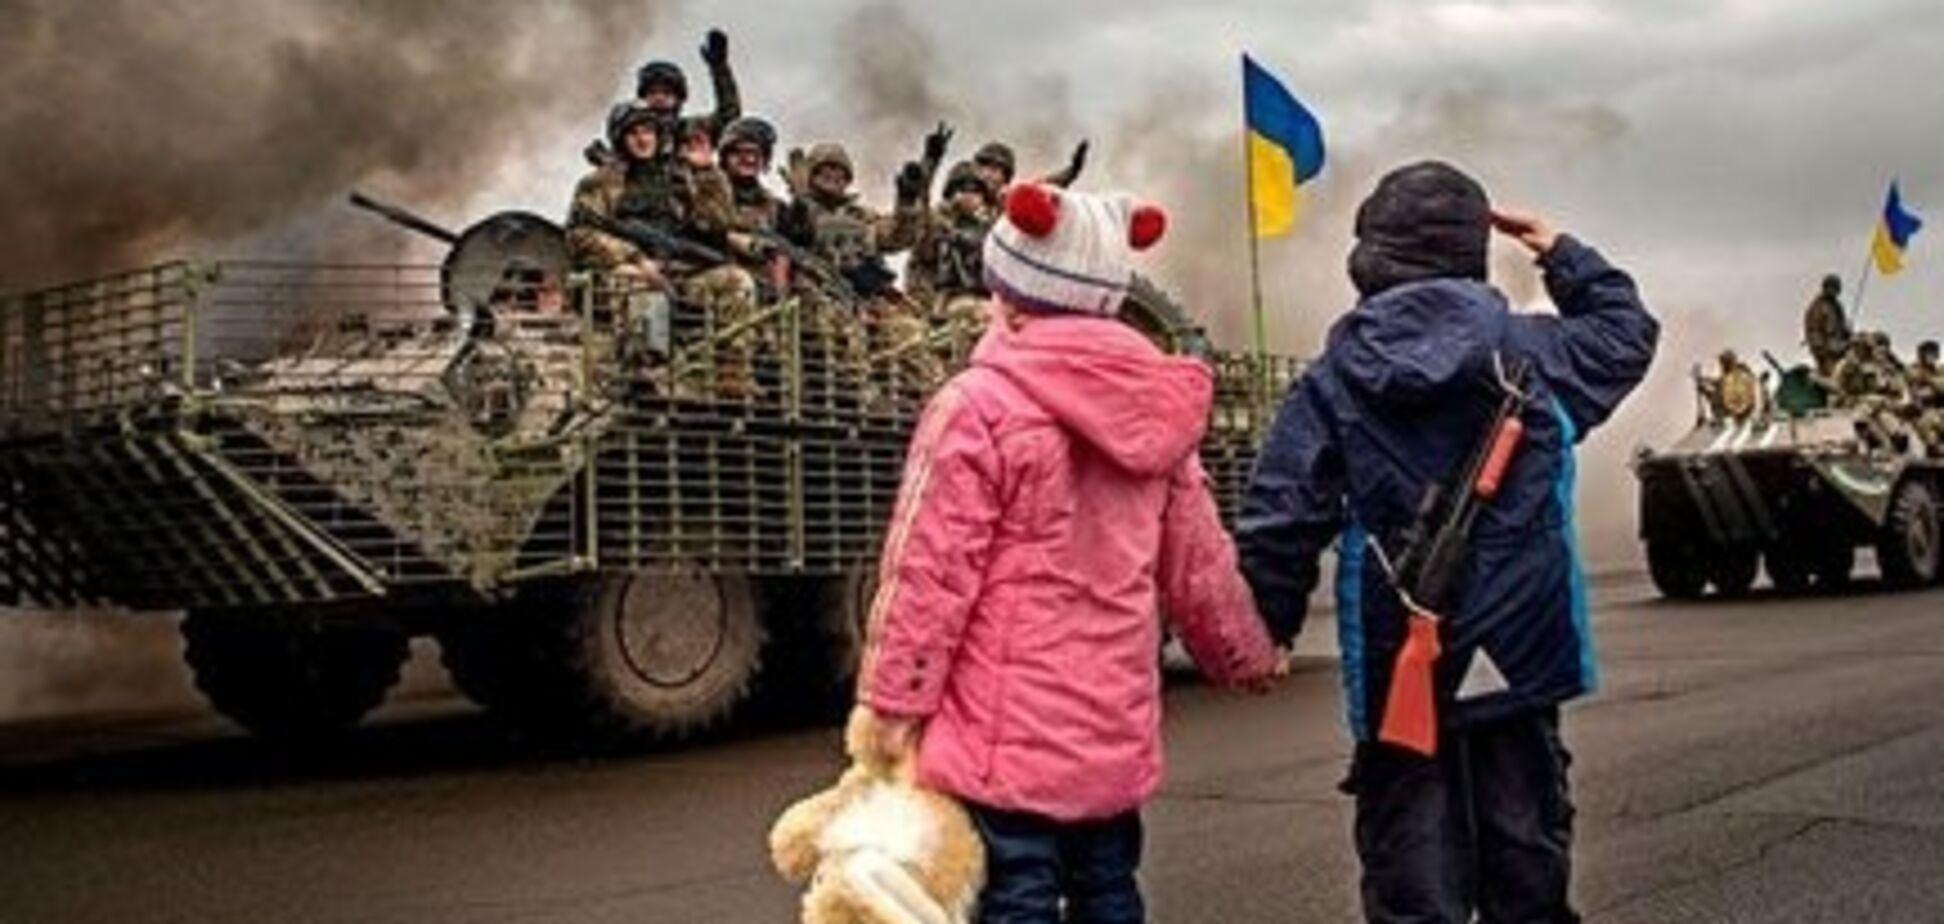 'Зіллють у кремлівську каналізацію': Україні напророкували страшне майбутнє